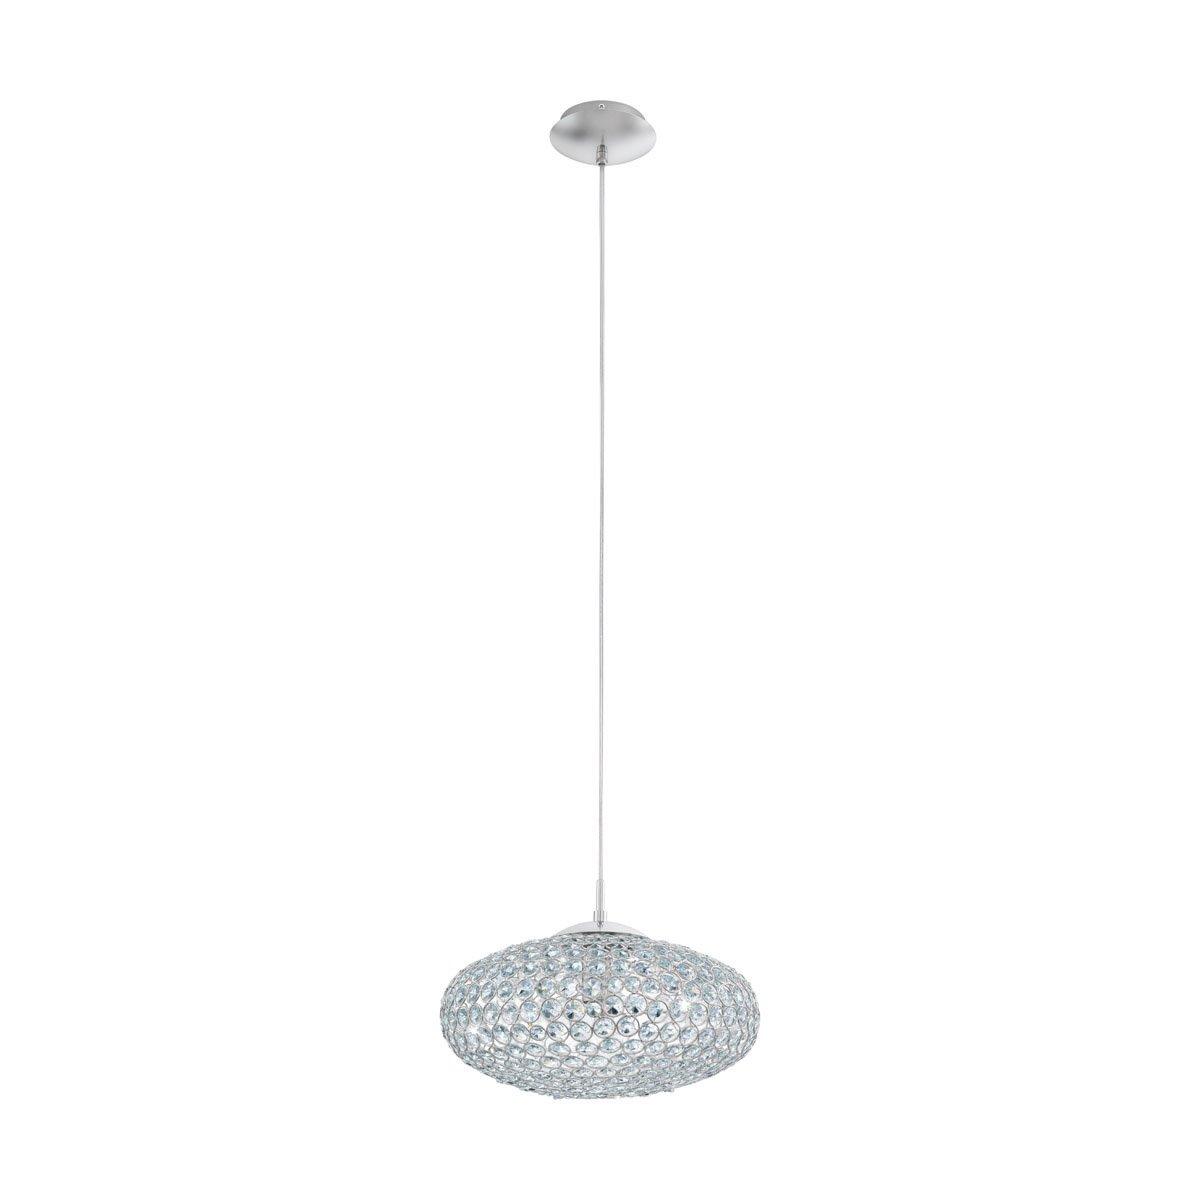 Eglo Kristallen hanglamp Clemente Eglo 95286